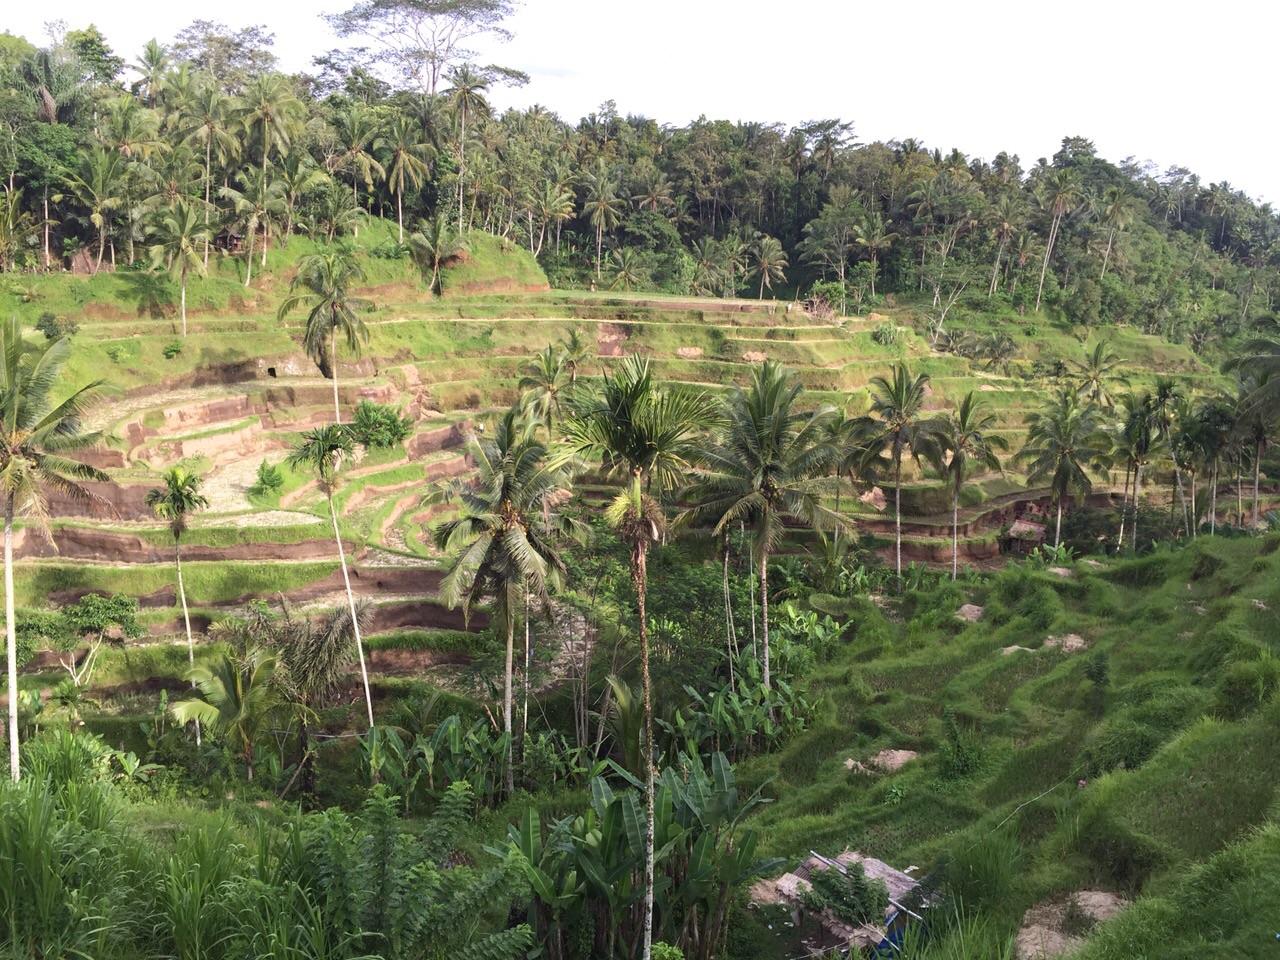 Paket Tour Bali 4h 3m Opsi 2 Wisata Murah 4 Hari 3 Malam Kami Kemas Dengan Harga Para Wisatawan Yang Liburan Ke Kadang Kala Agak Bingung Untuk Menentukan Jadwal Kegiatan